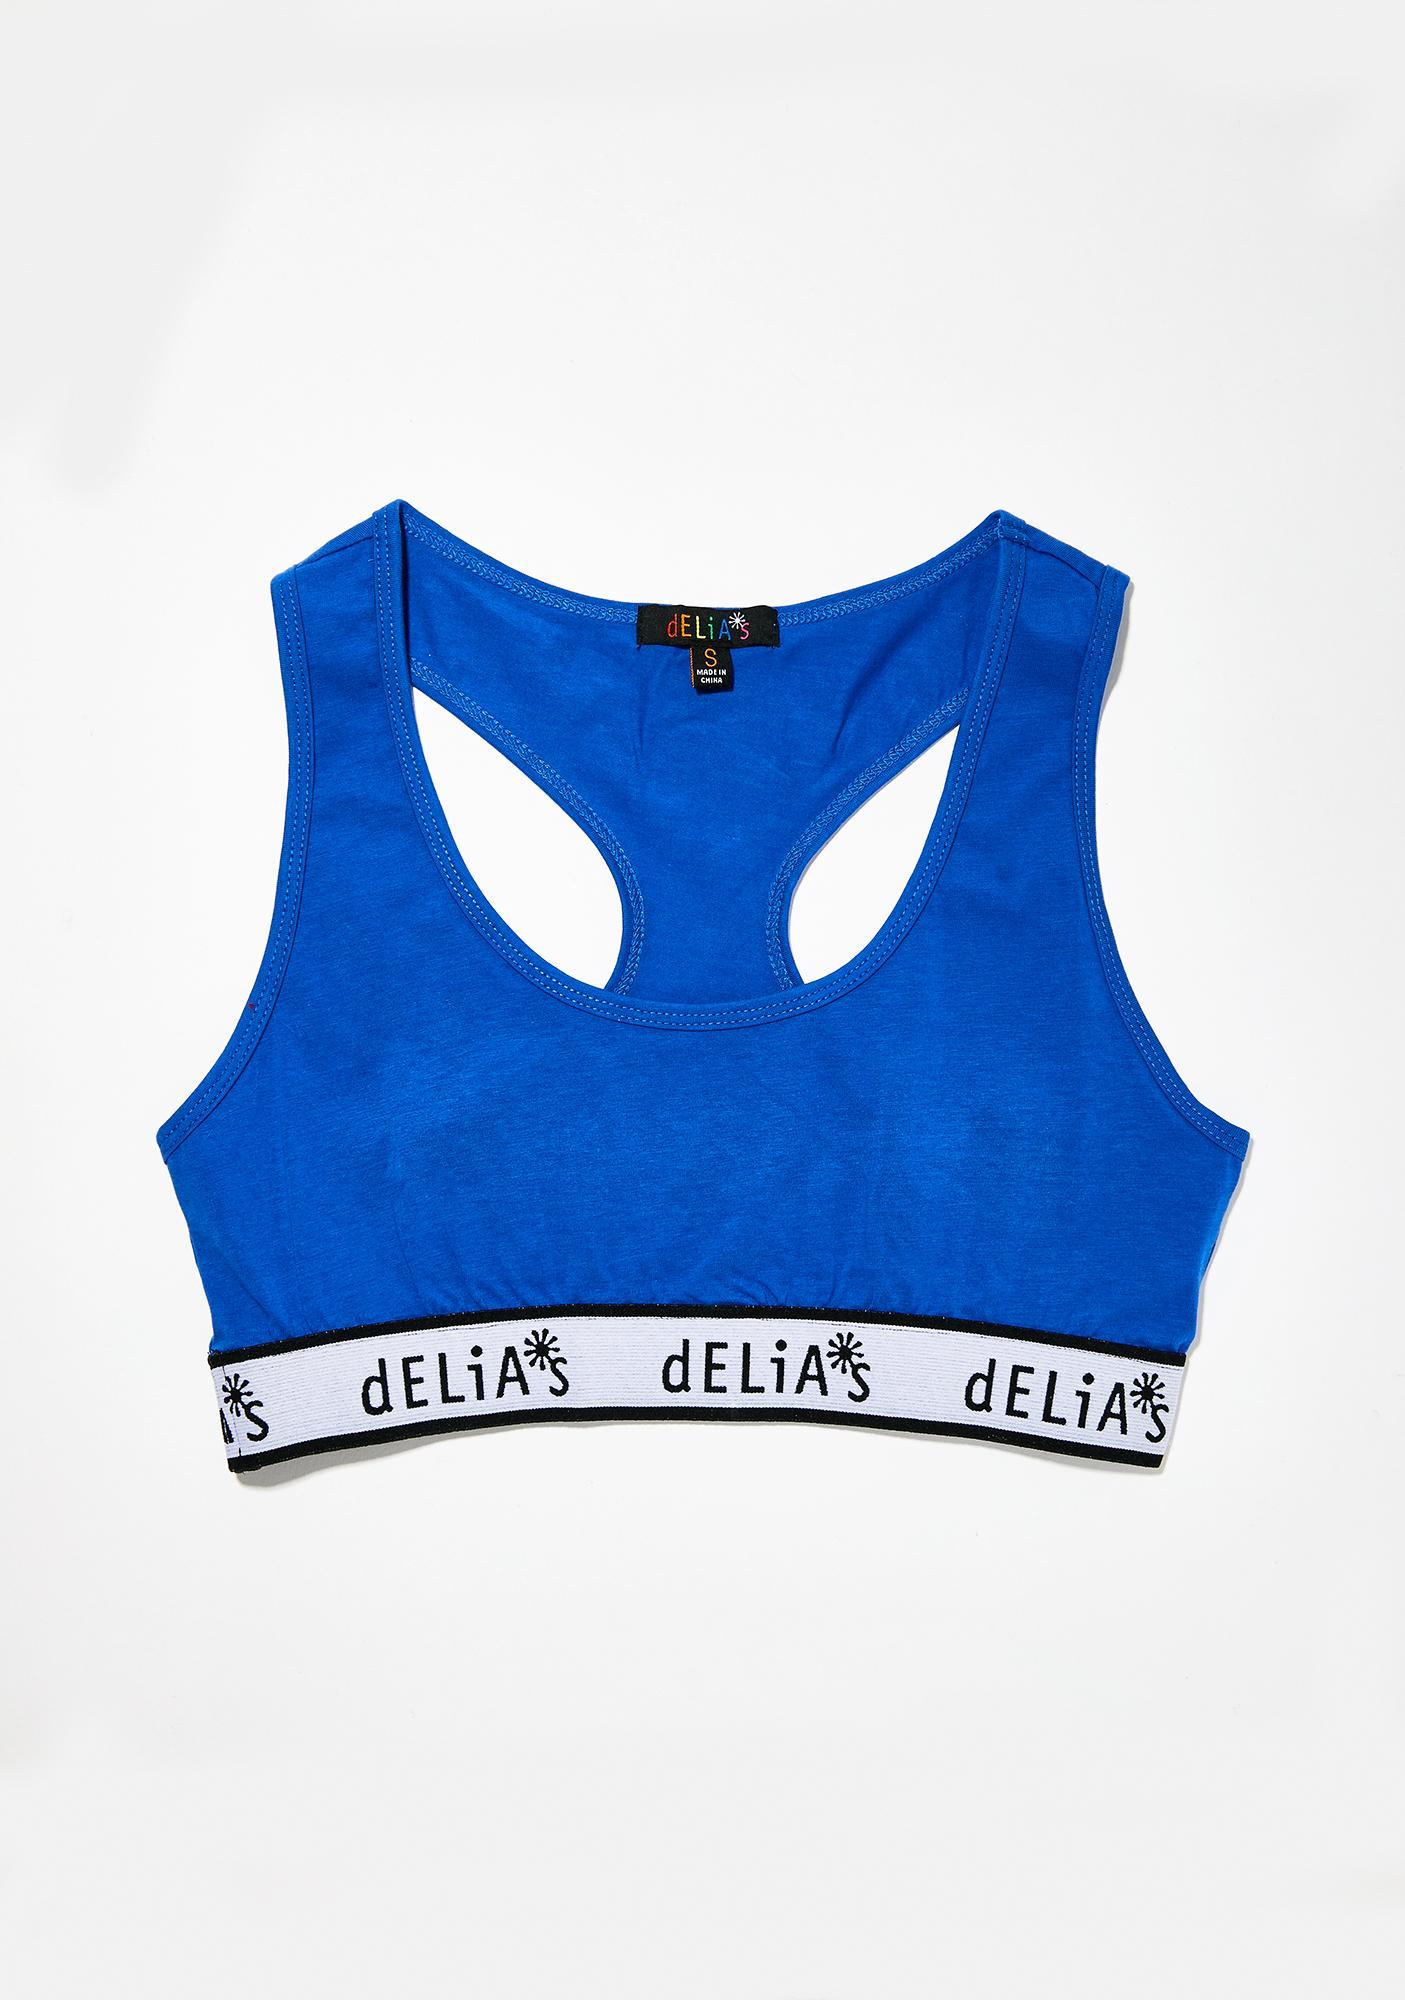 dELiA*s by Dolls Kill Sky dELiA's Sports Bra